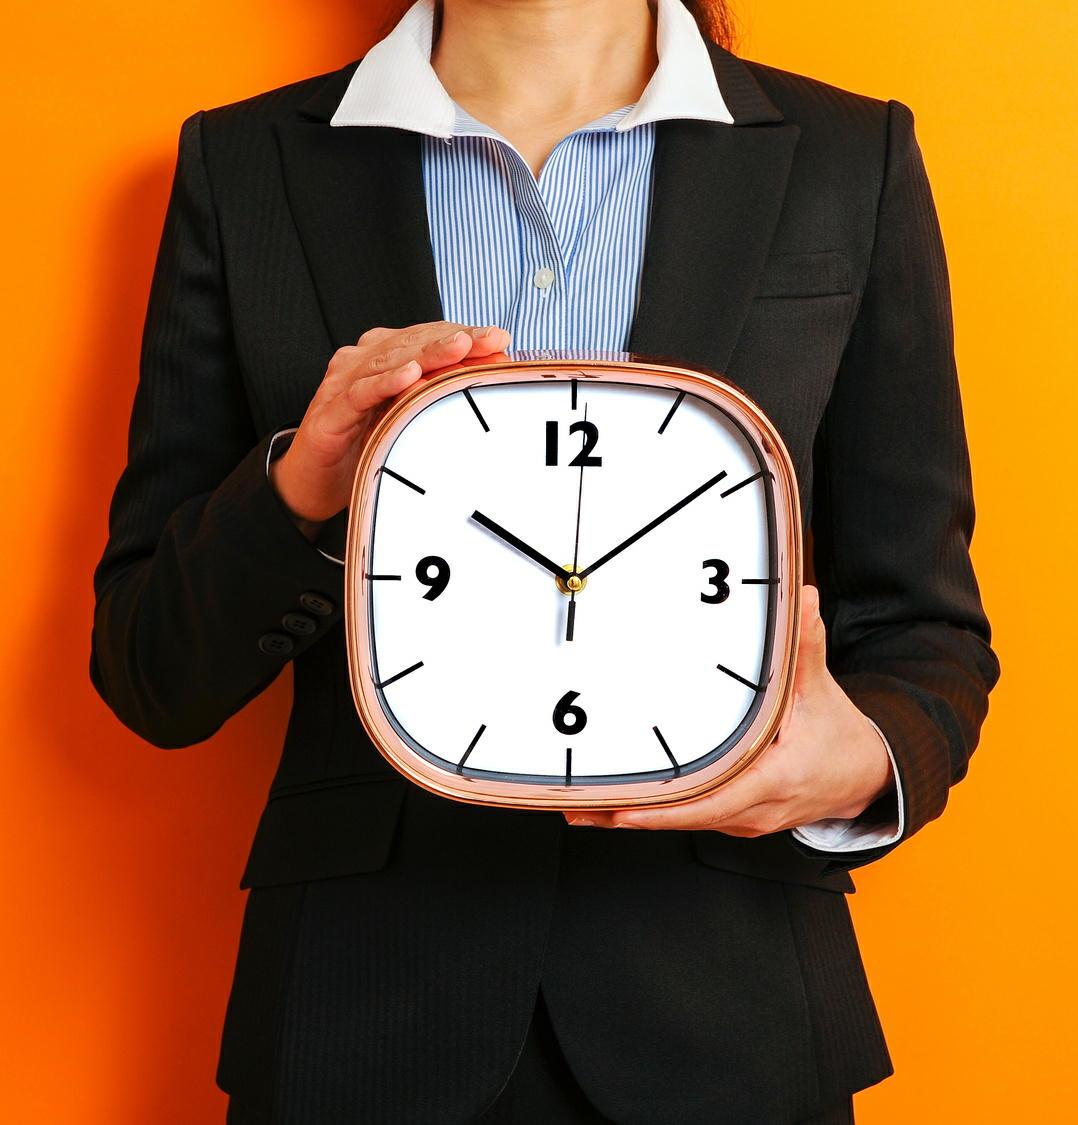 「体内時計」が糖尿病・メタボに影響 「時間生物学」が注目されている